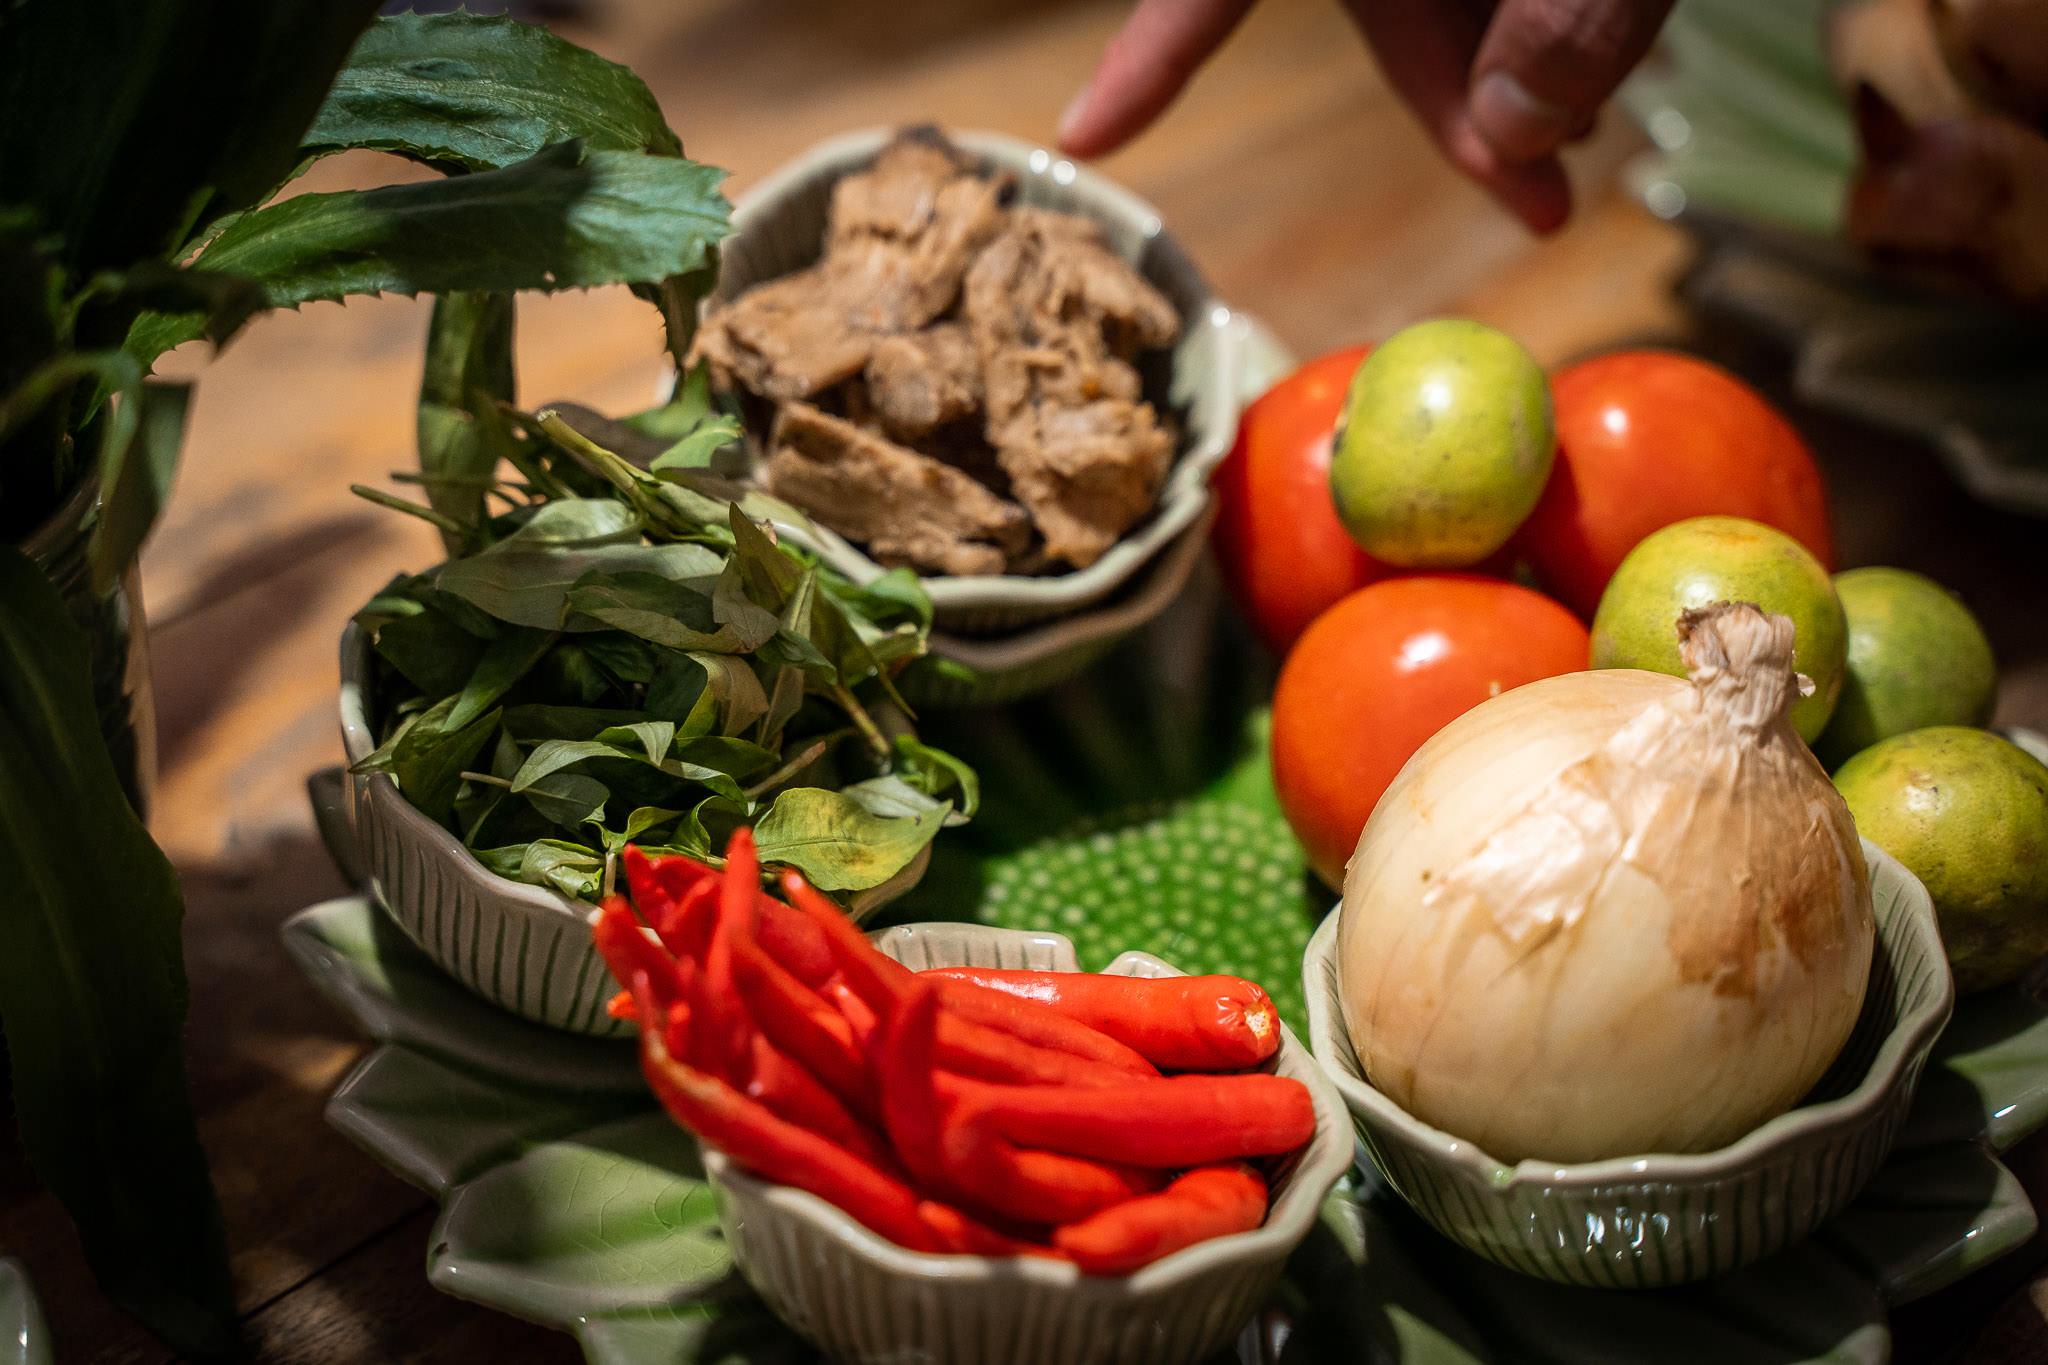 2019-02-10 - Vegan Town Lampang-Maik-Kleinert-photographer-videographer-78-2048px.jpg